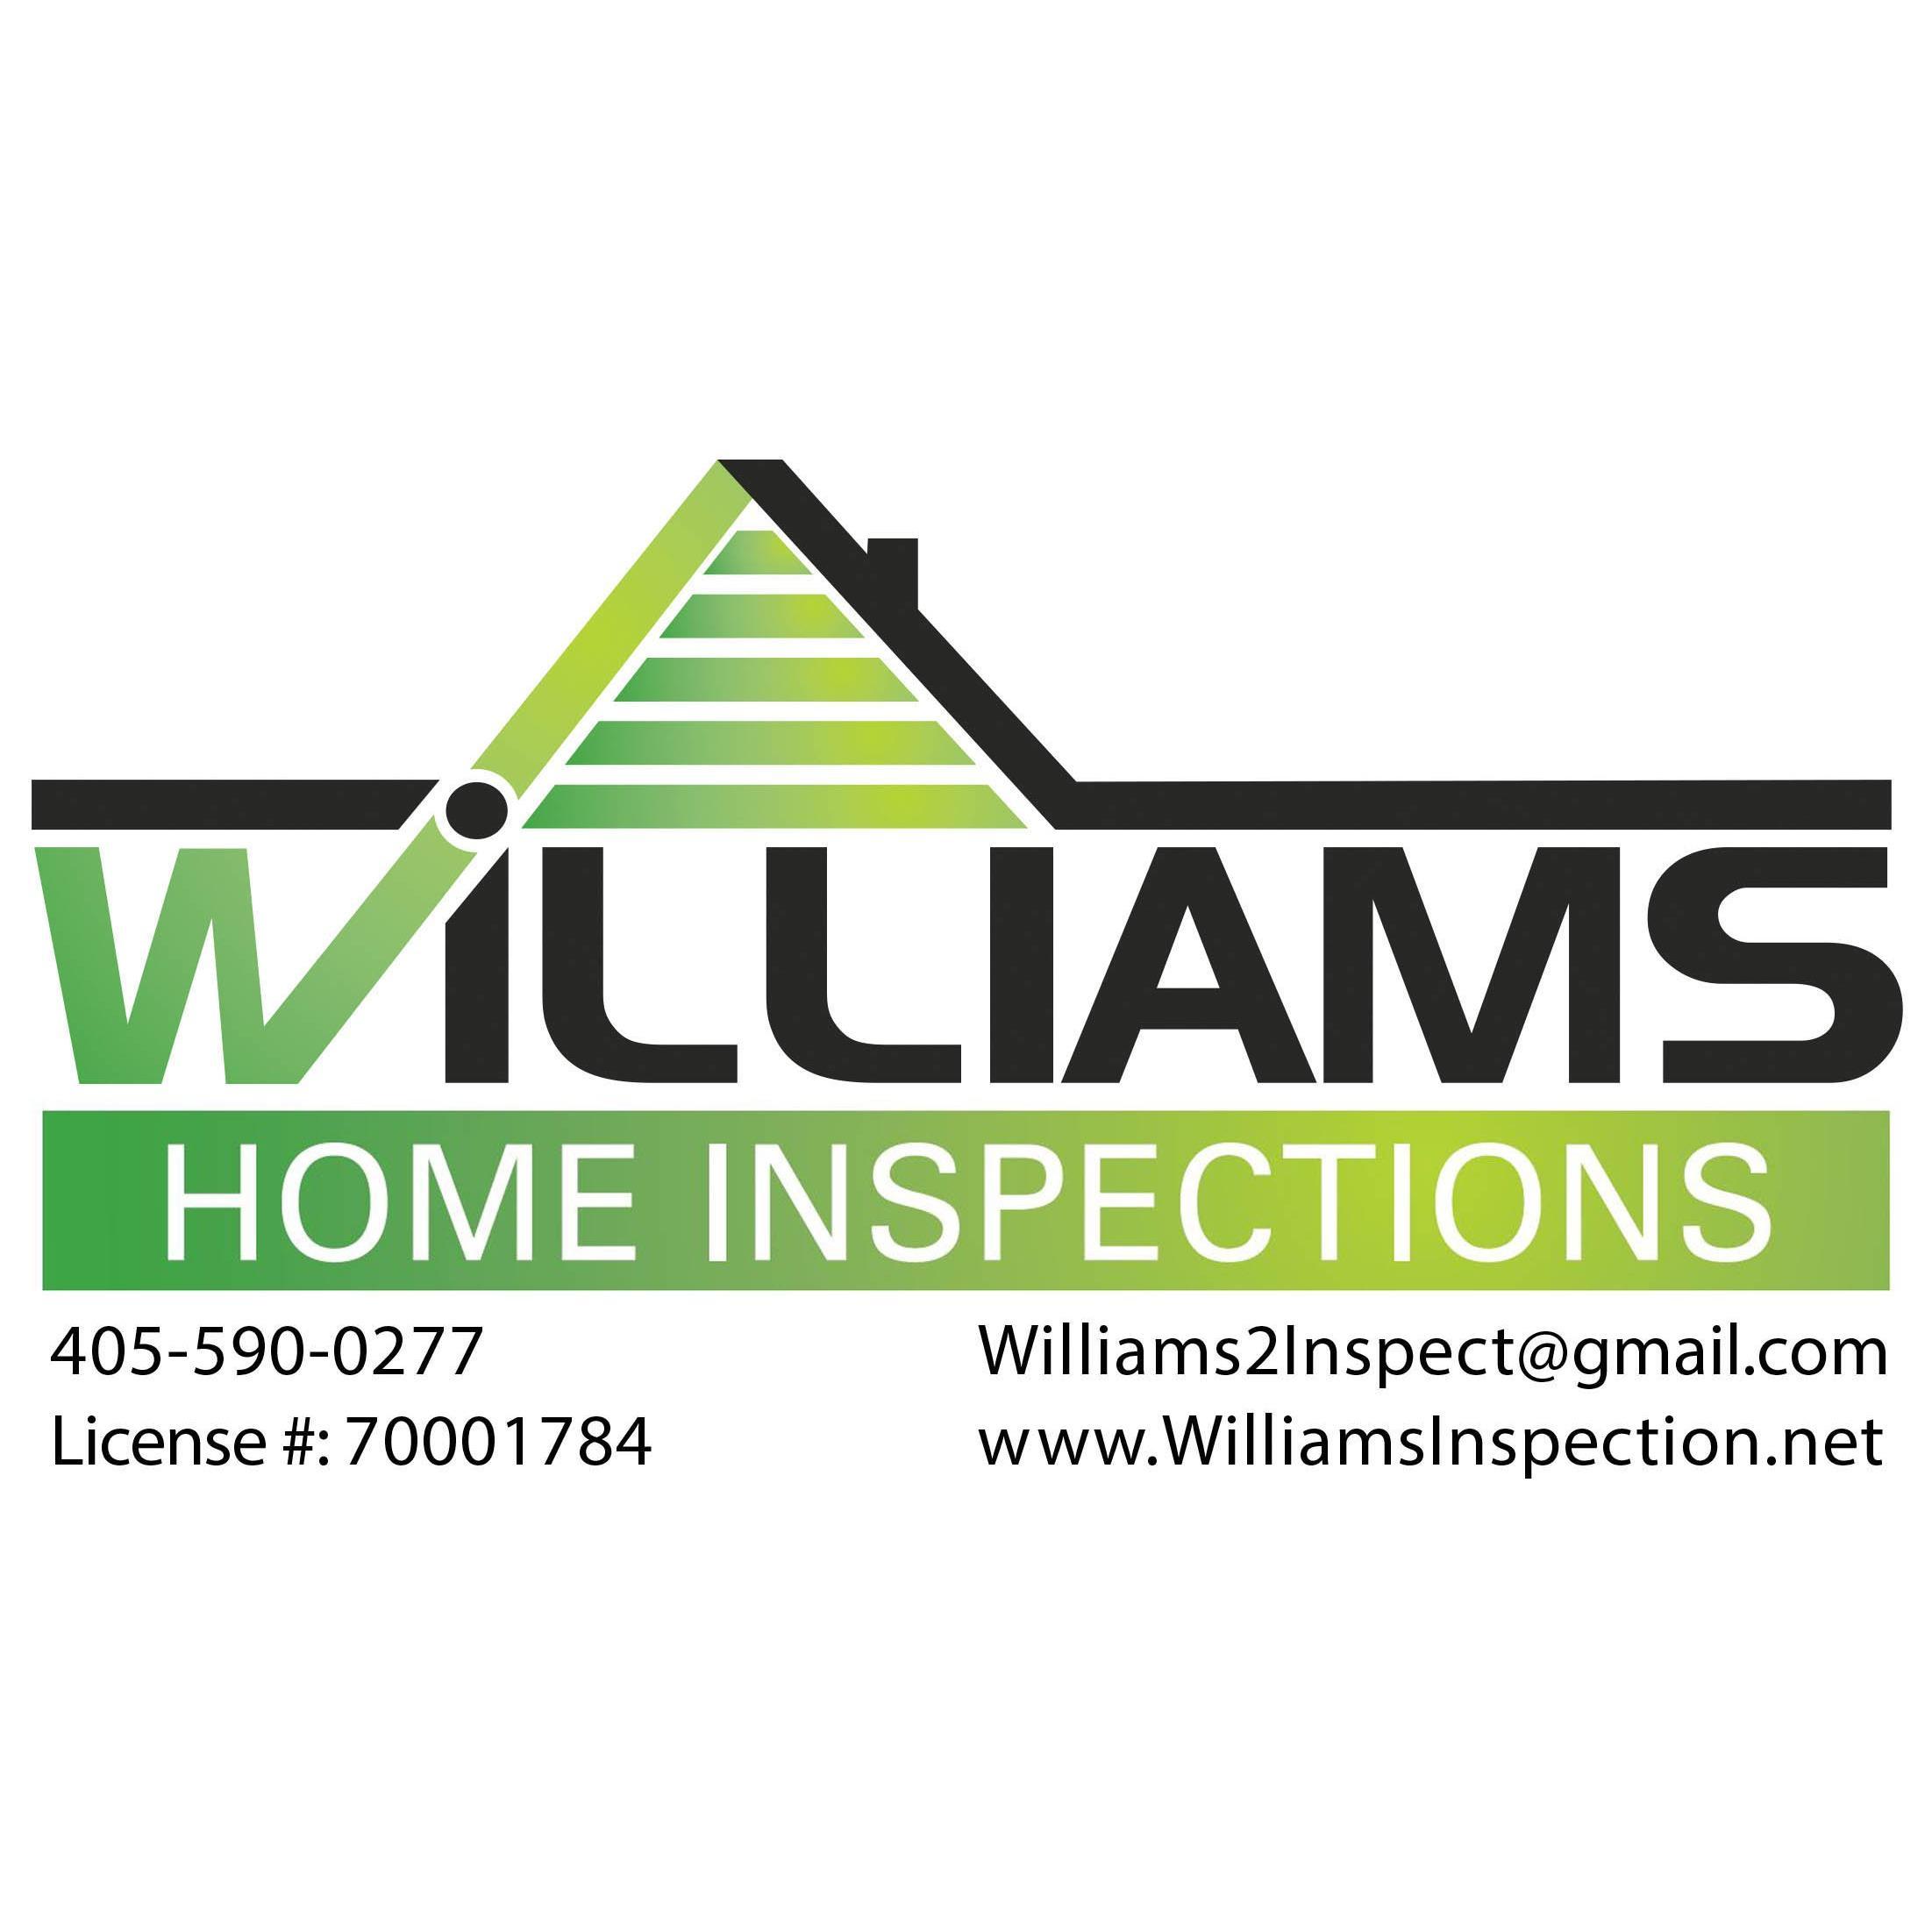 Williams Home Inspections - Overland Park, KS 66223 - (405)590-0277 | ShowMeLocal.com